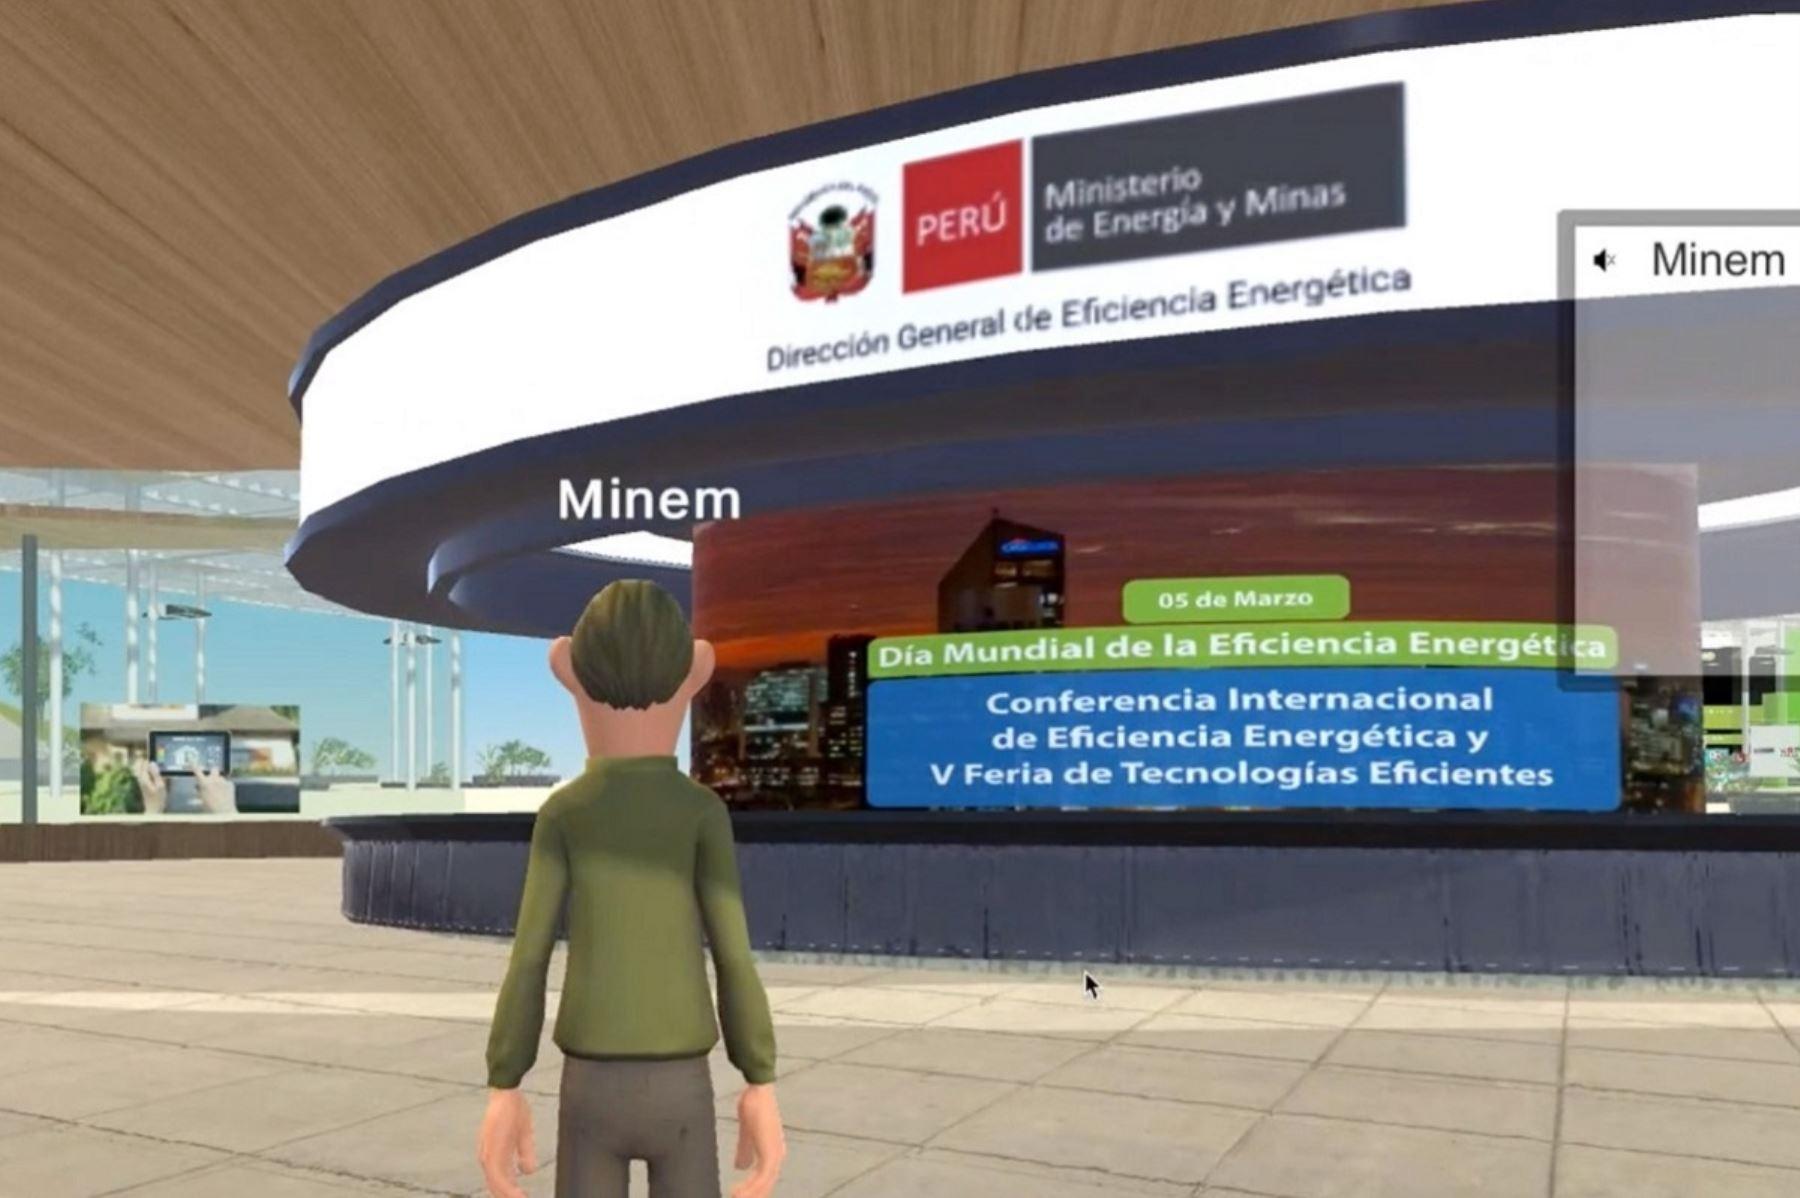 Feria virtual de eficiencia energética 2021. Fuente: Cortesía.